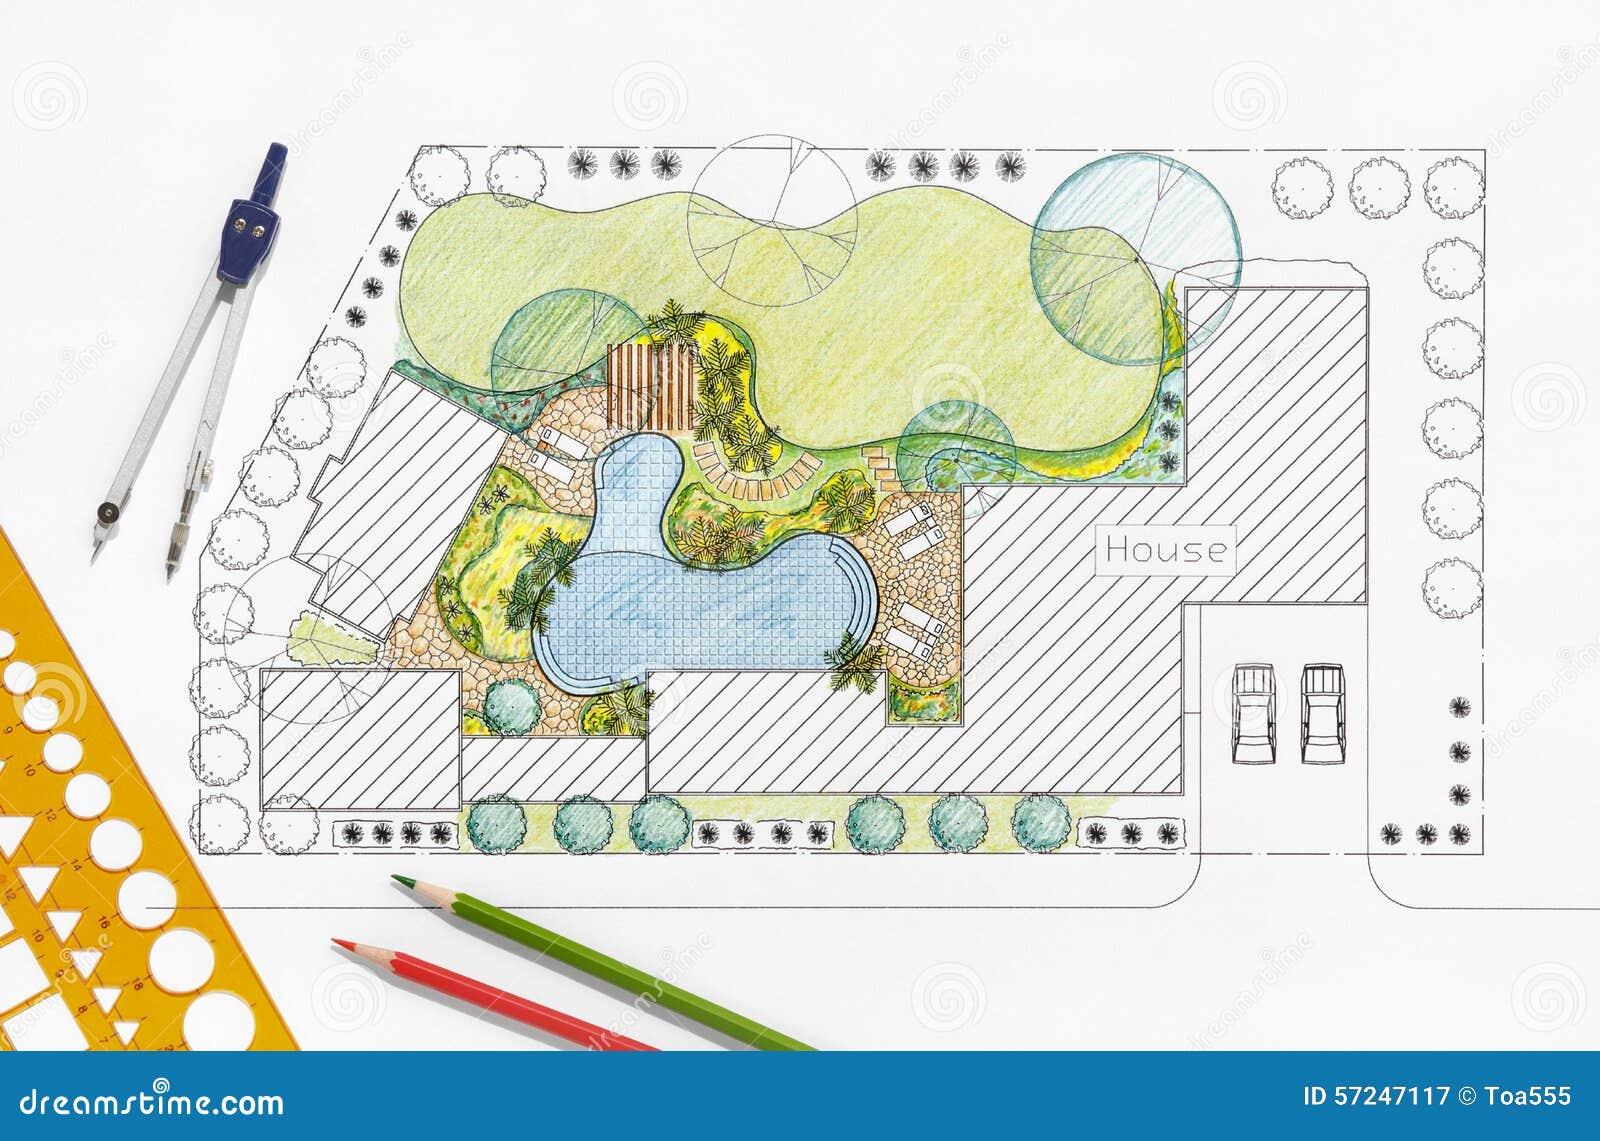 plan d 39 arri re cour de conception d 39 architecte paysagiste pour la villa image stock image. Black Bedroom Furniture Sets. Home Design Ideas